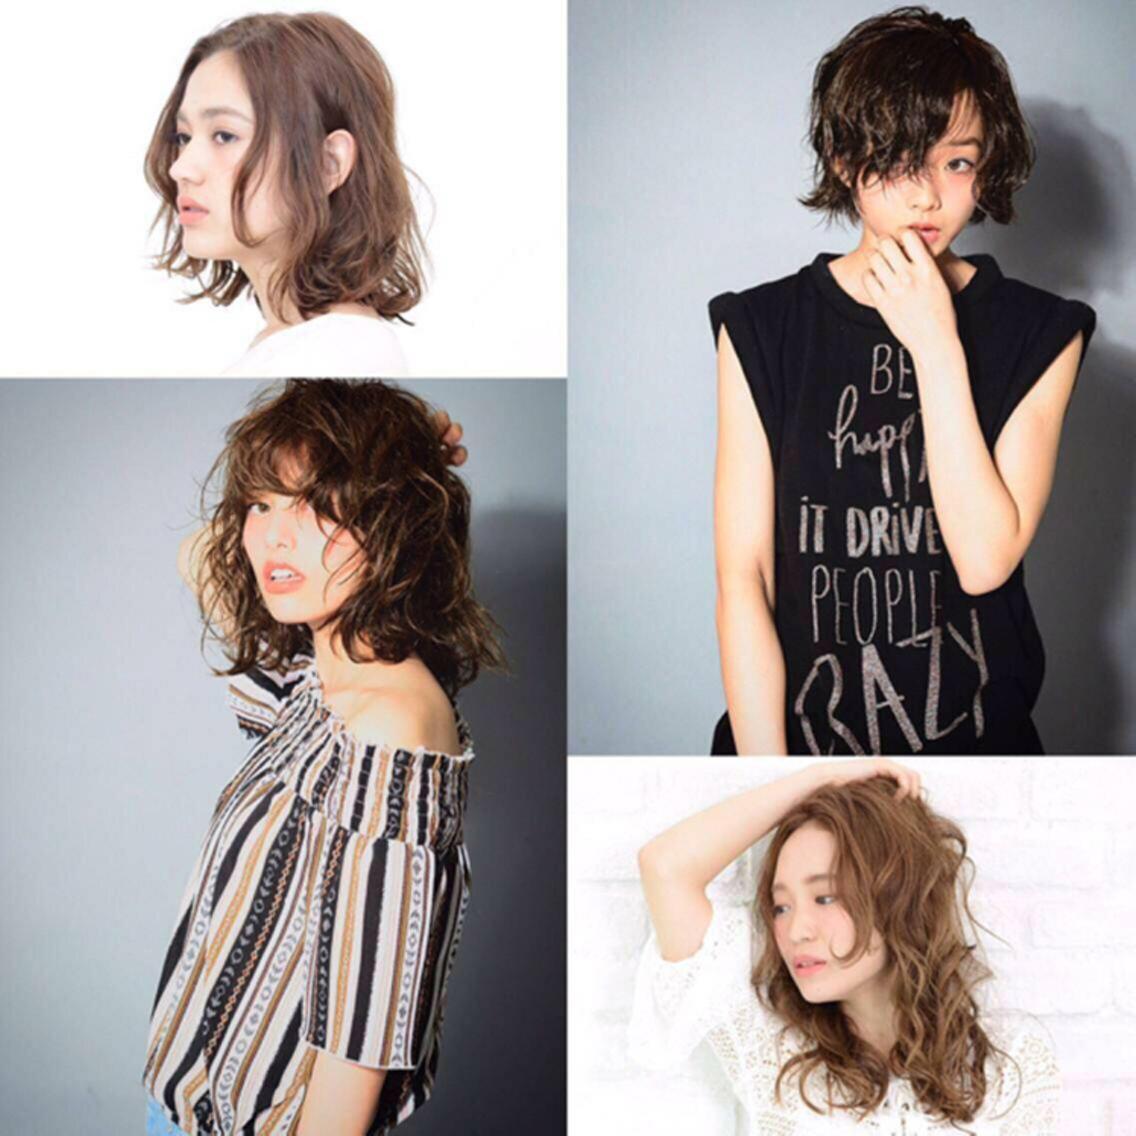 earth大分店サロンディレクター担当栗野隆哉 minimo限定価格‼️綺麗⭐︎可愛い⭐︎カッコいい⭐︎そんな想いのある方に是非また、綺麗な髪になりたい‼️気持ち良くなりたい!て方にも‼️